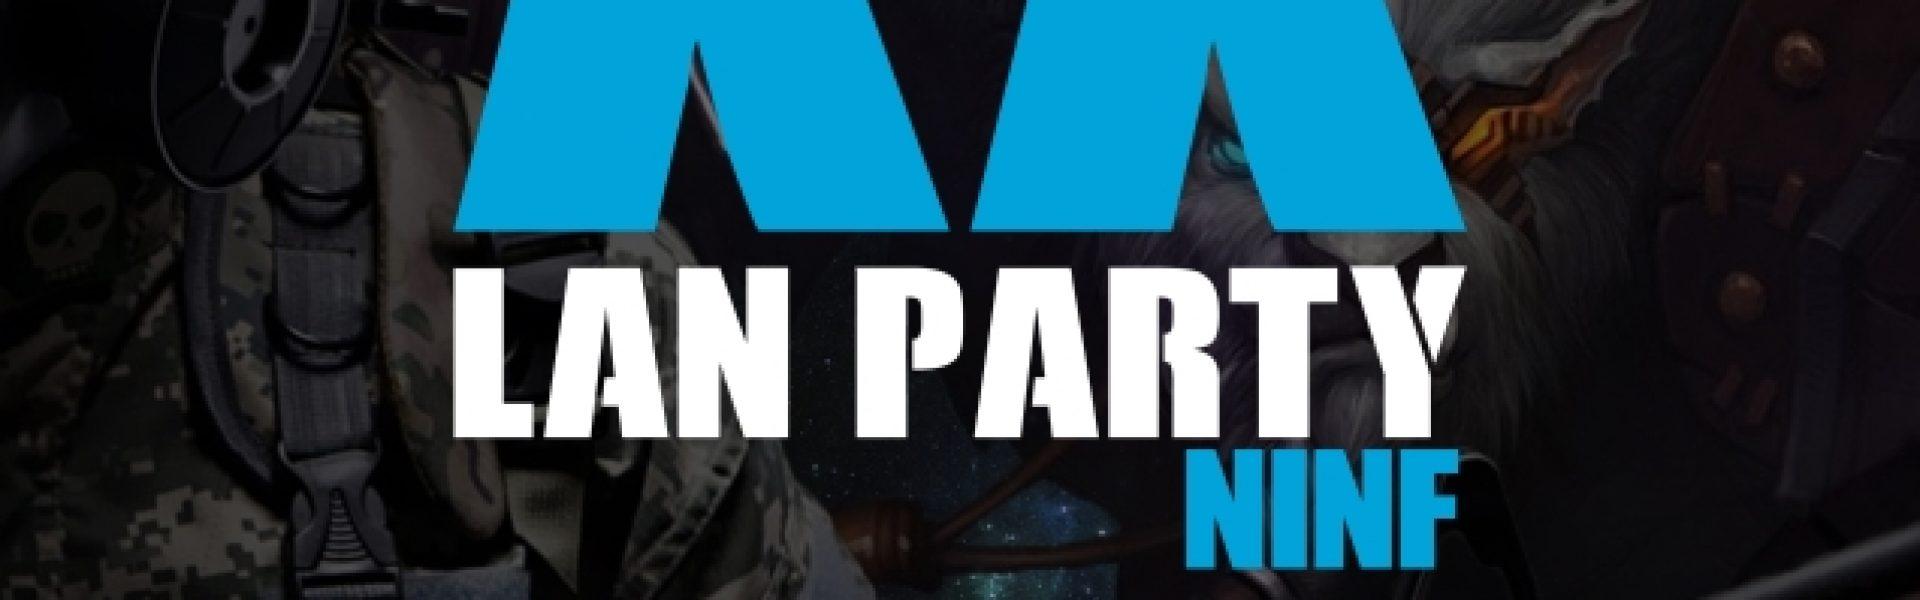 XXI LanParty NINF